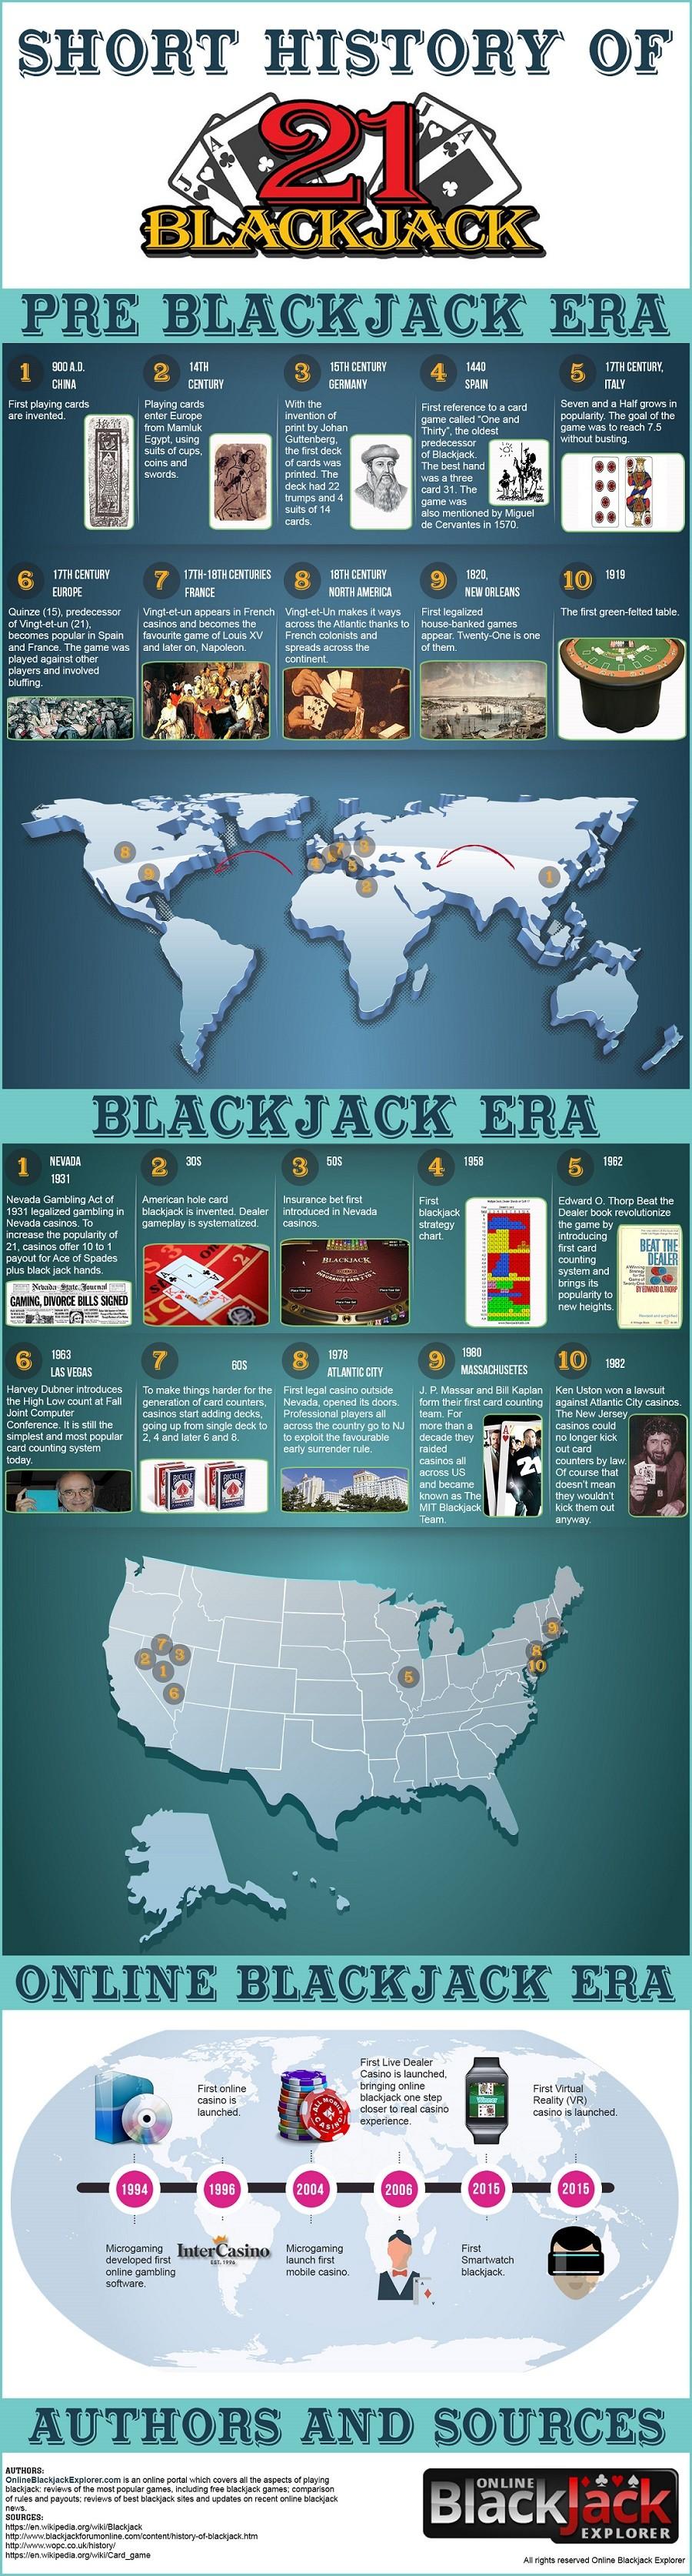 History of Blackjack by Online Blackjack Explorer